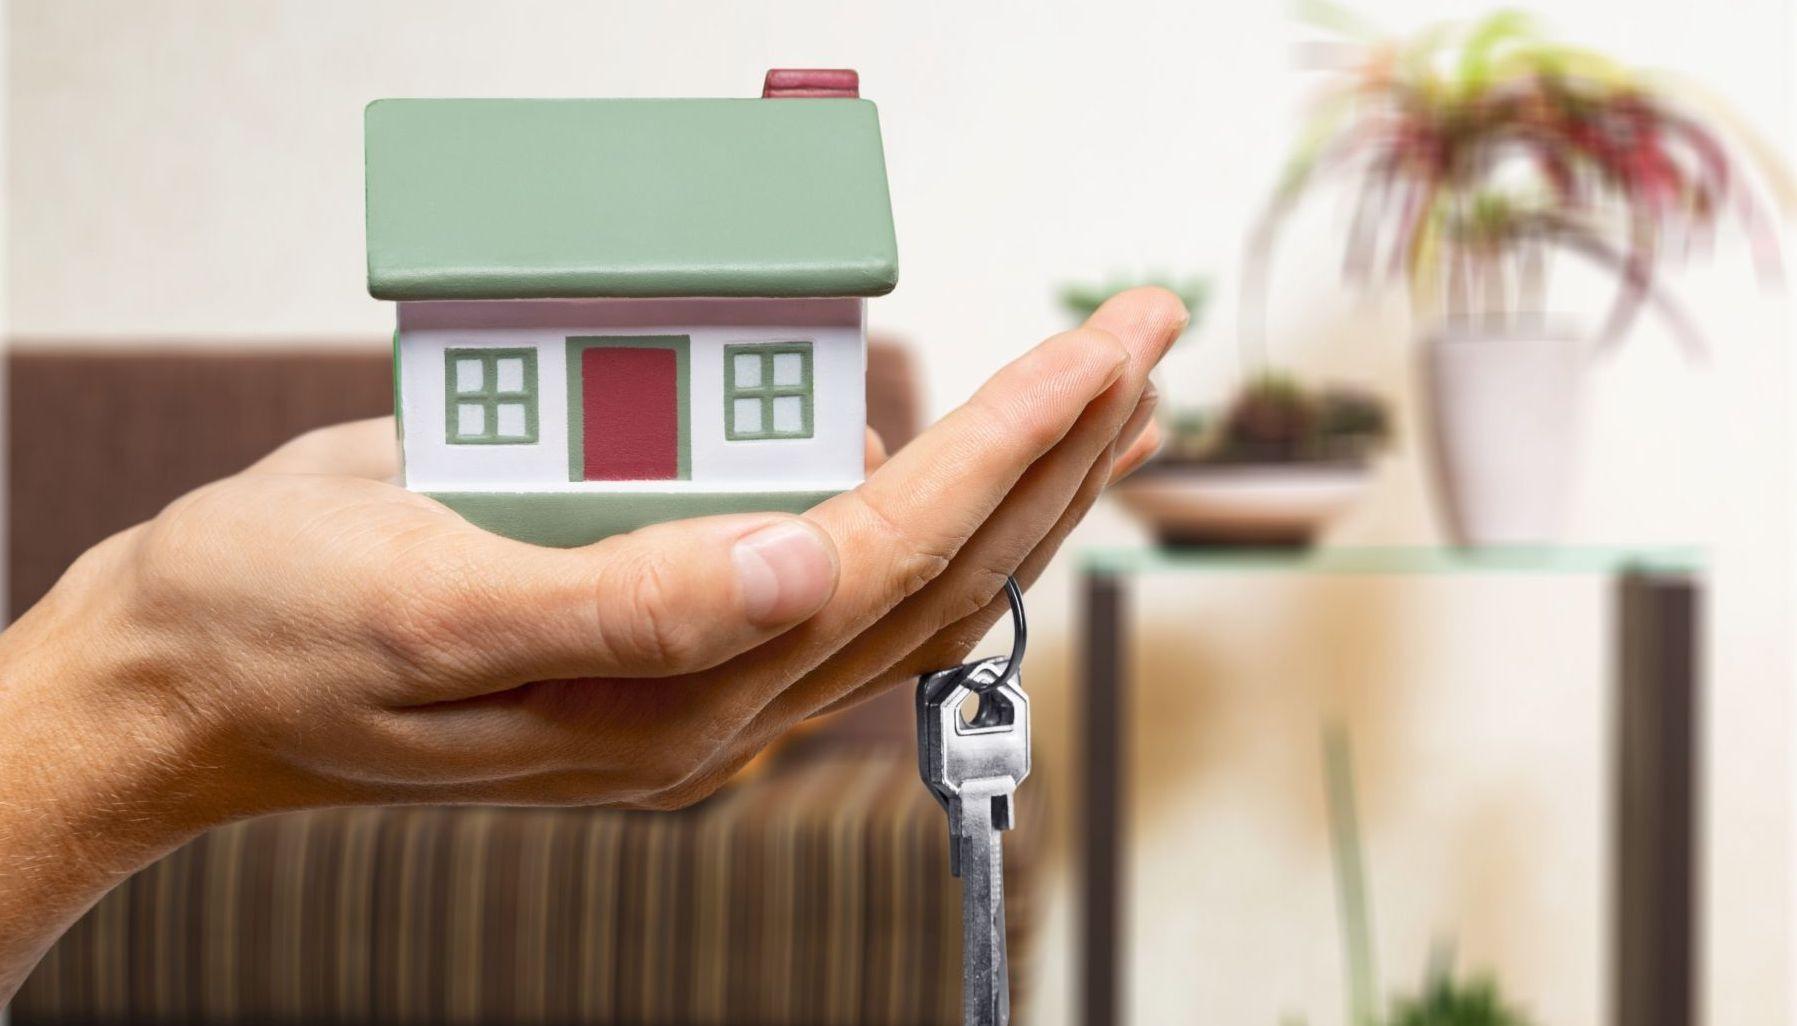 過年手頭缺資金,想用房子抵押借款? 先搞清楚二胎、增貸、轉貸的差別